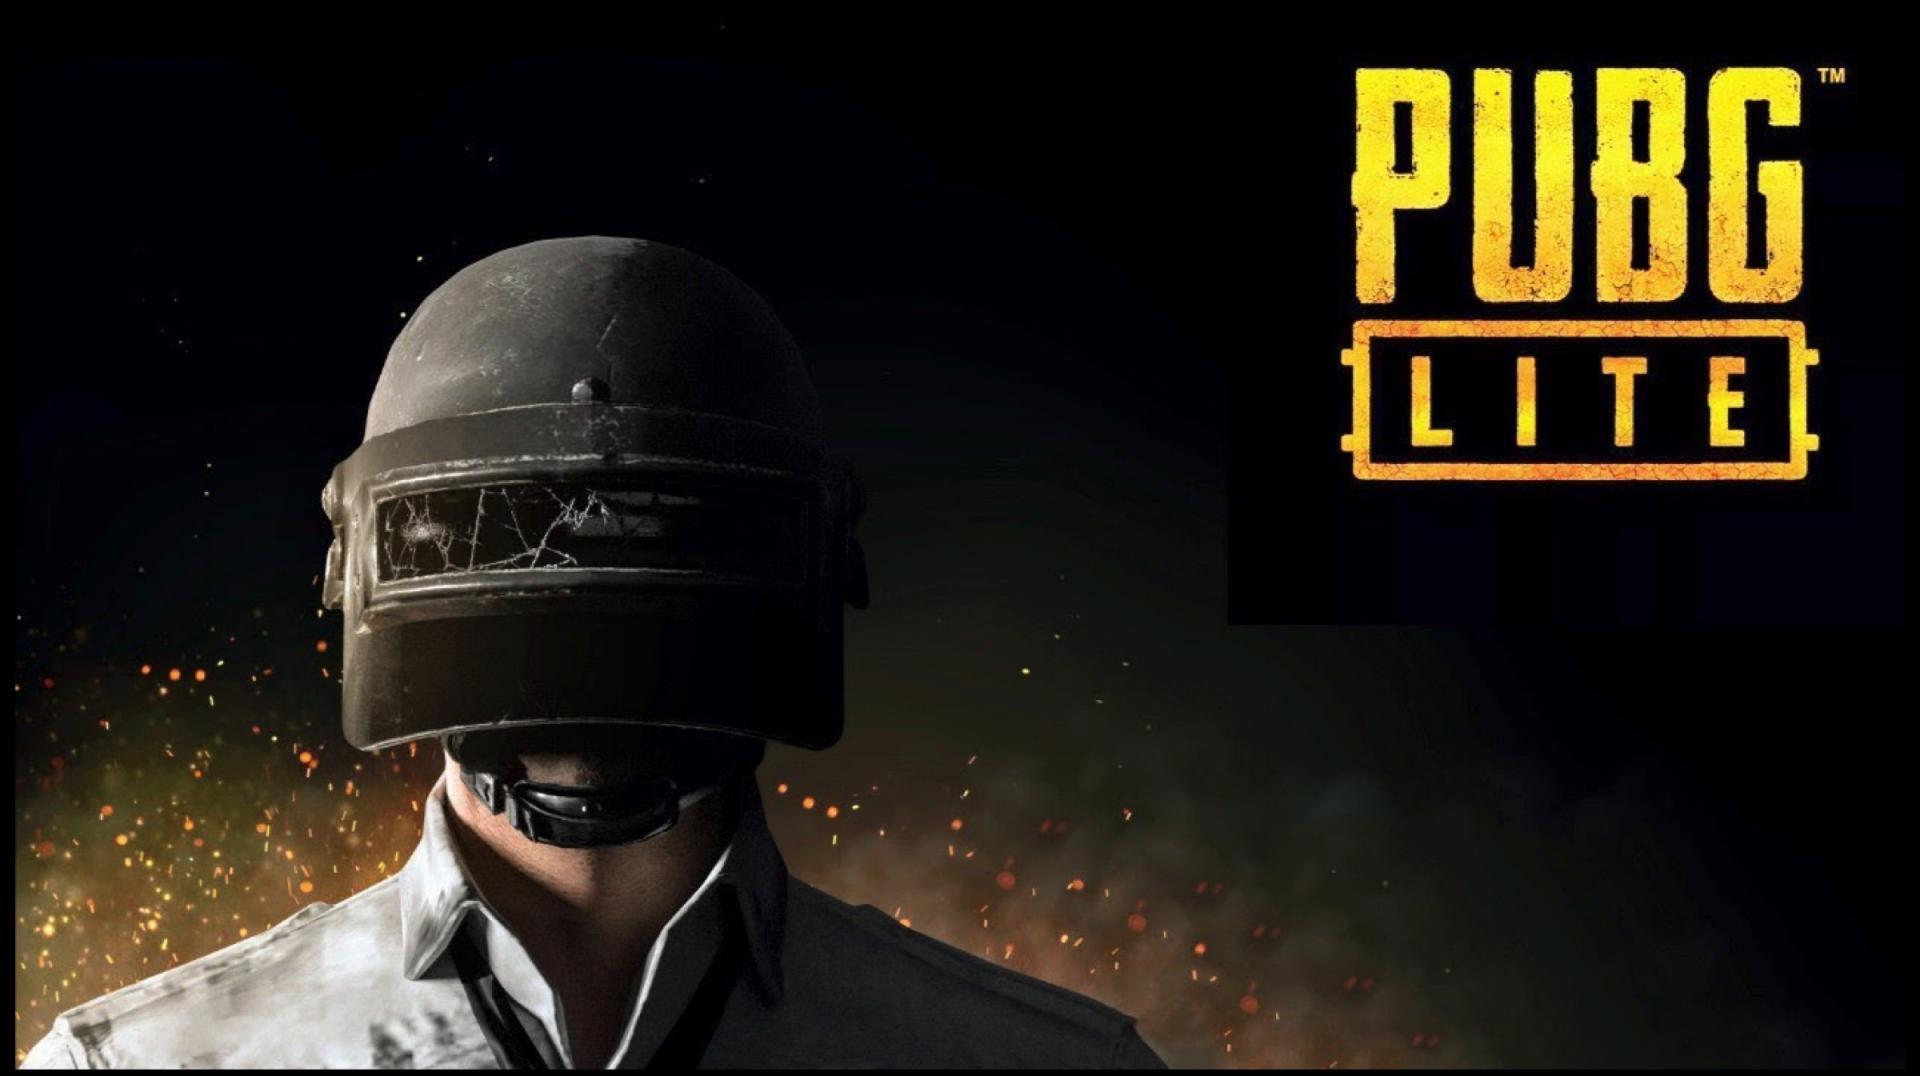 Совсем скоро выйдет специальная версия игры PUBG, которая будет бесплатна ипредназначена для слабых ПК